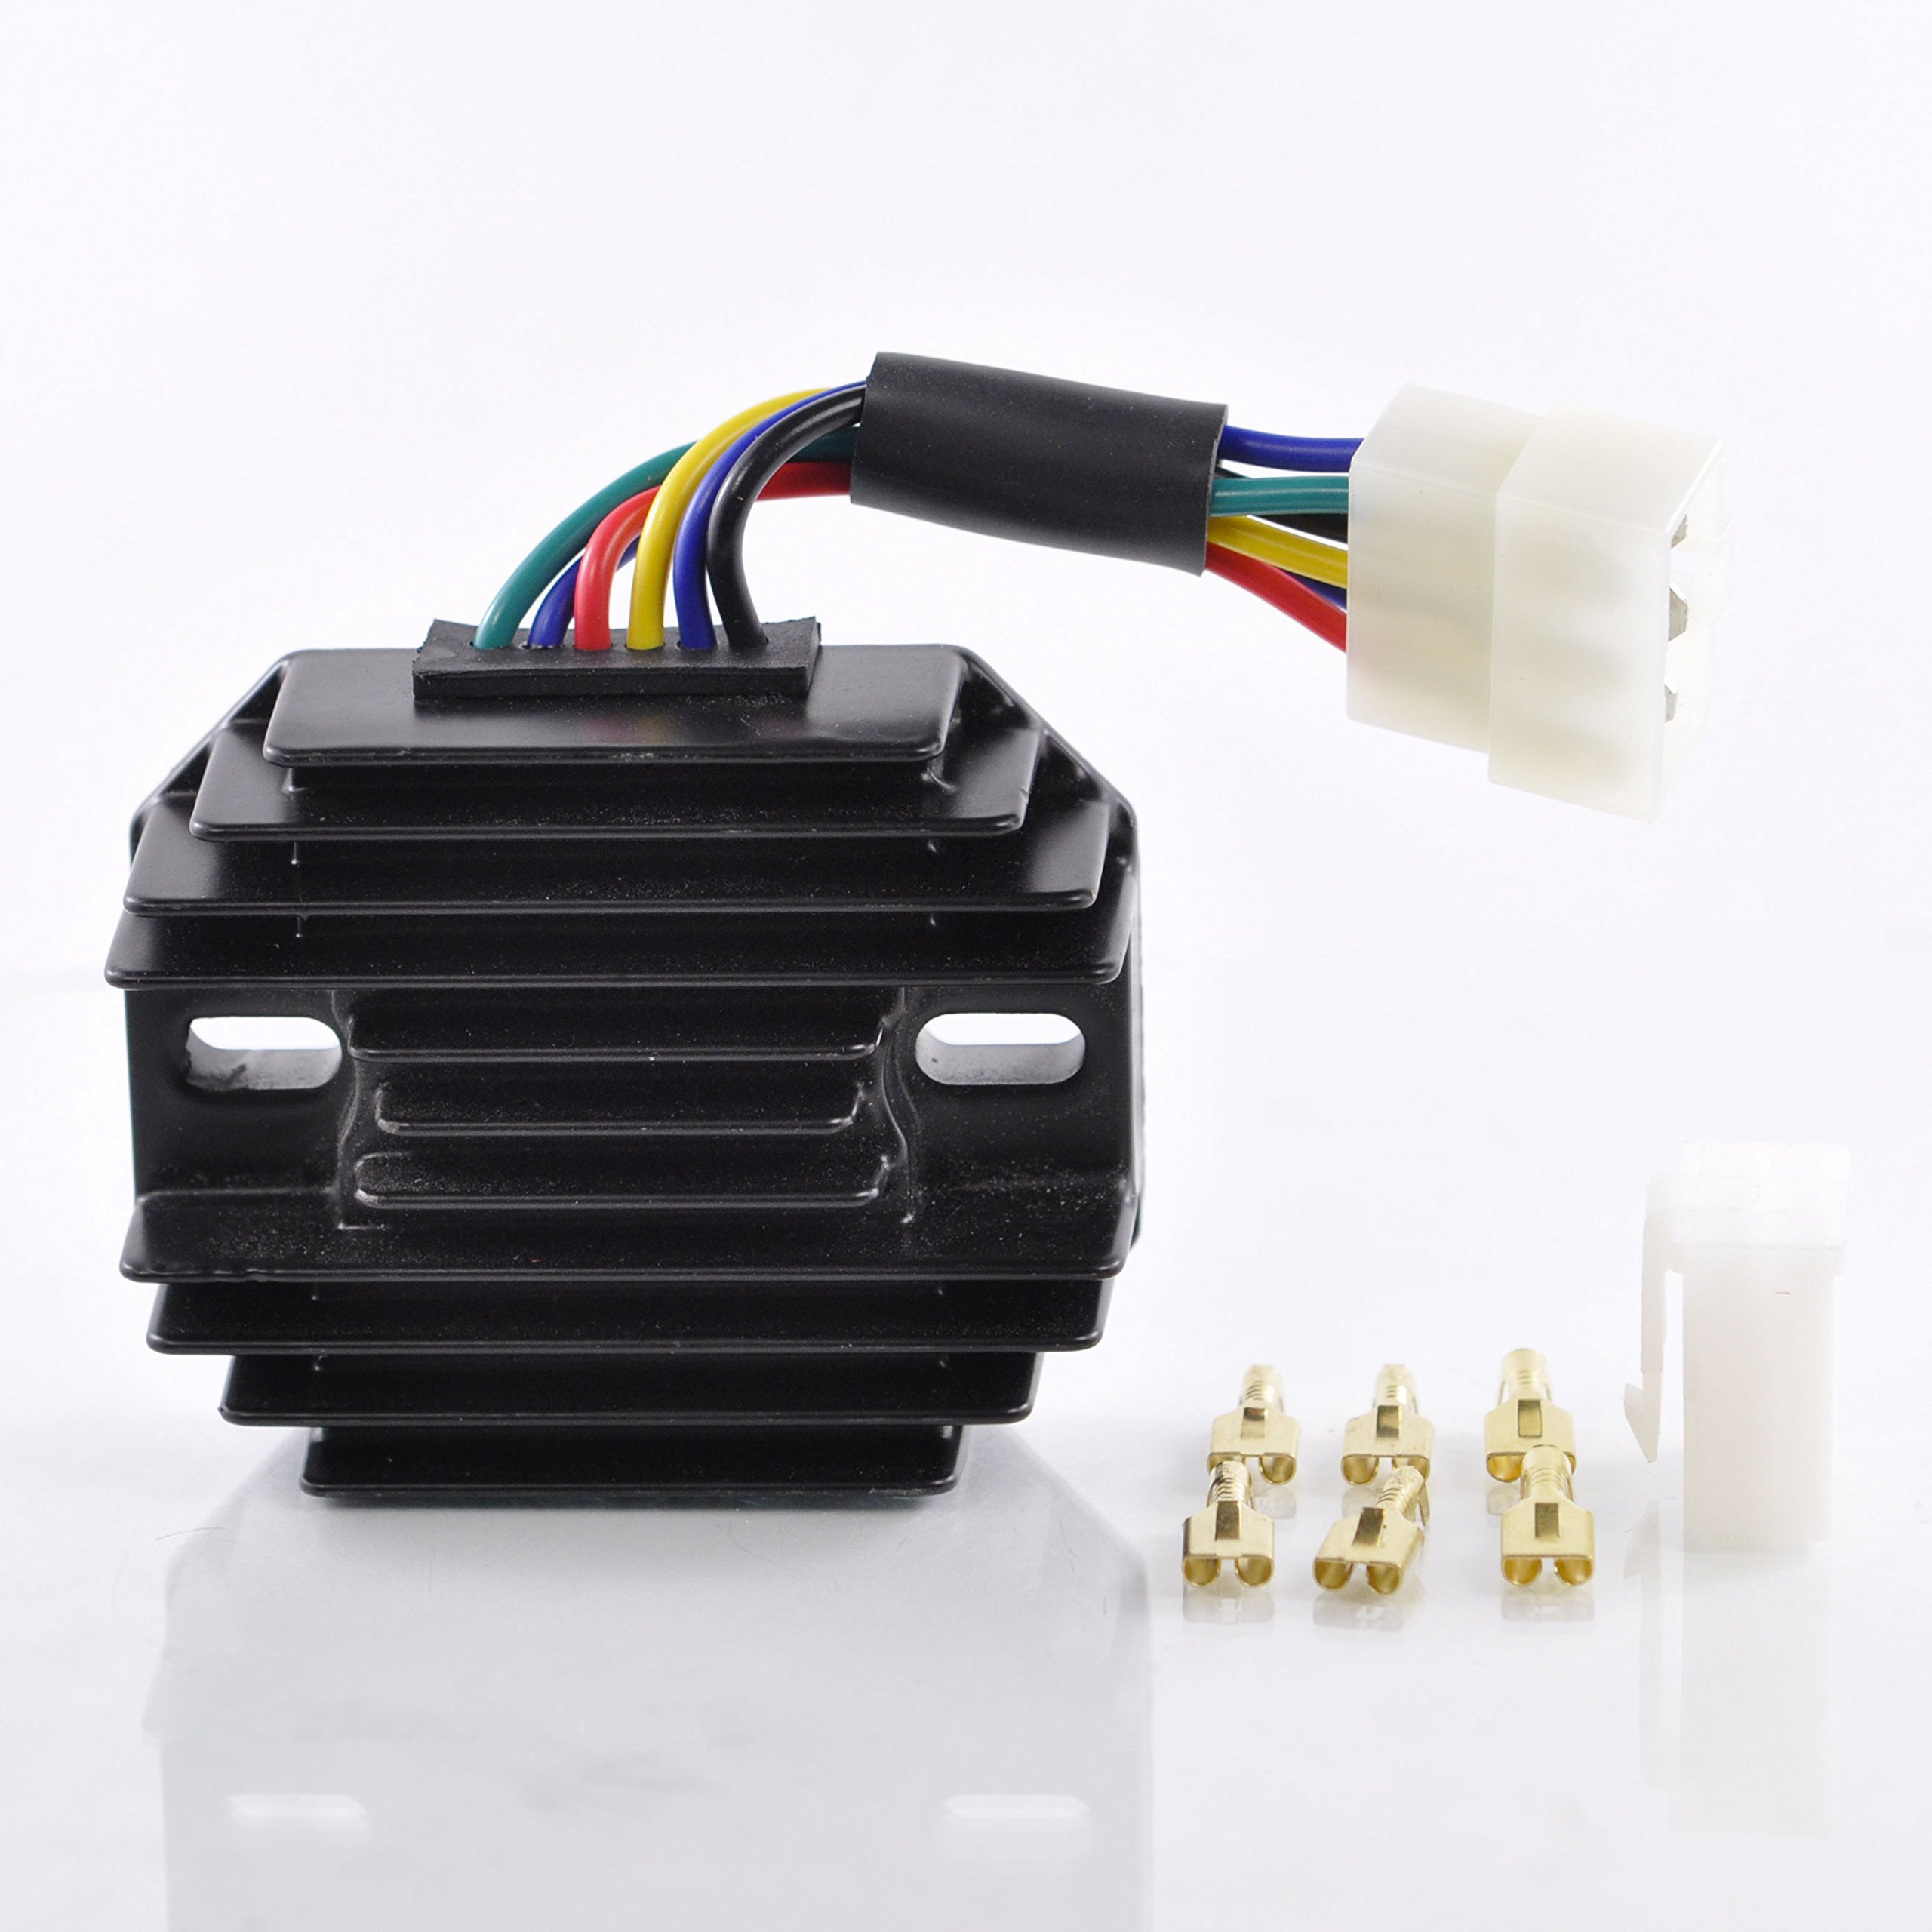 Voltage Regulator For Kubota UTV RTV500 2008-2017/John Deere Tractor Models 2210 2305 2320 2520 4010 4100 4110 4115 OEM Repl.# 185530 15351-64600 M807915 RP201-53710 516255